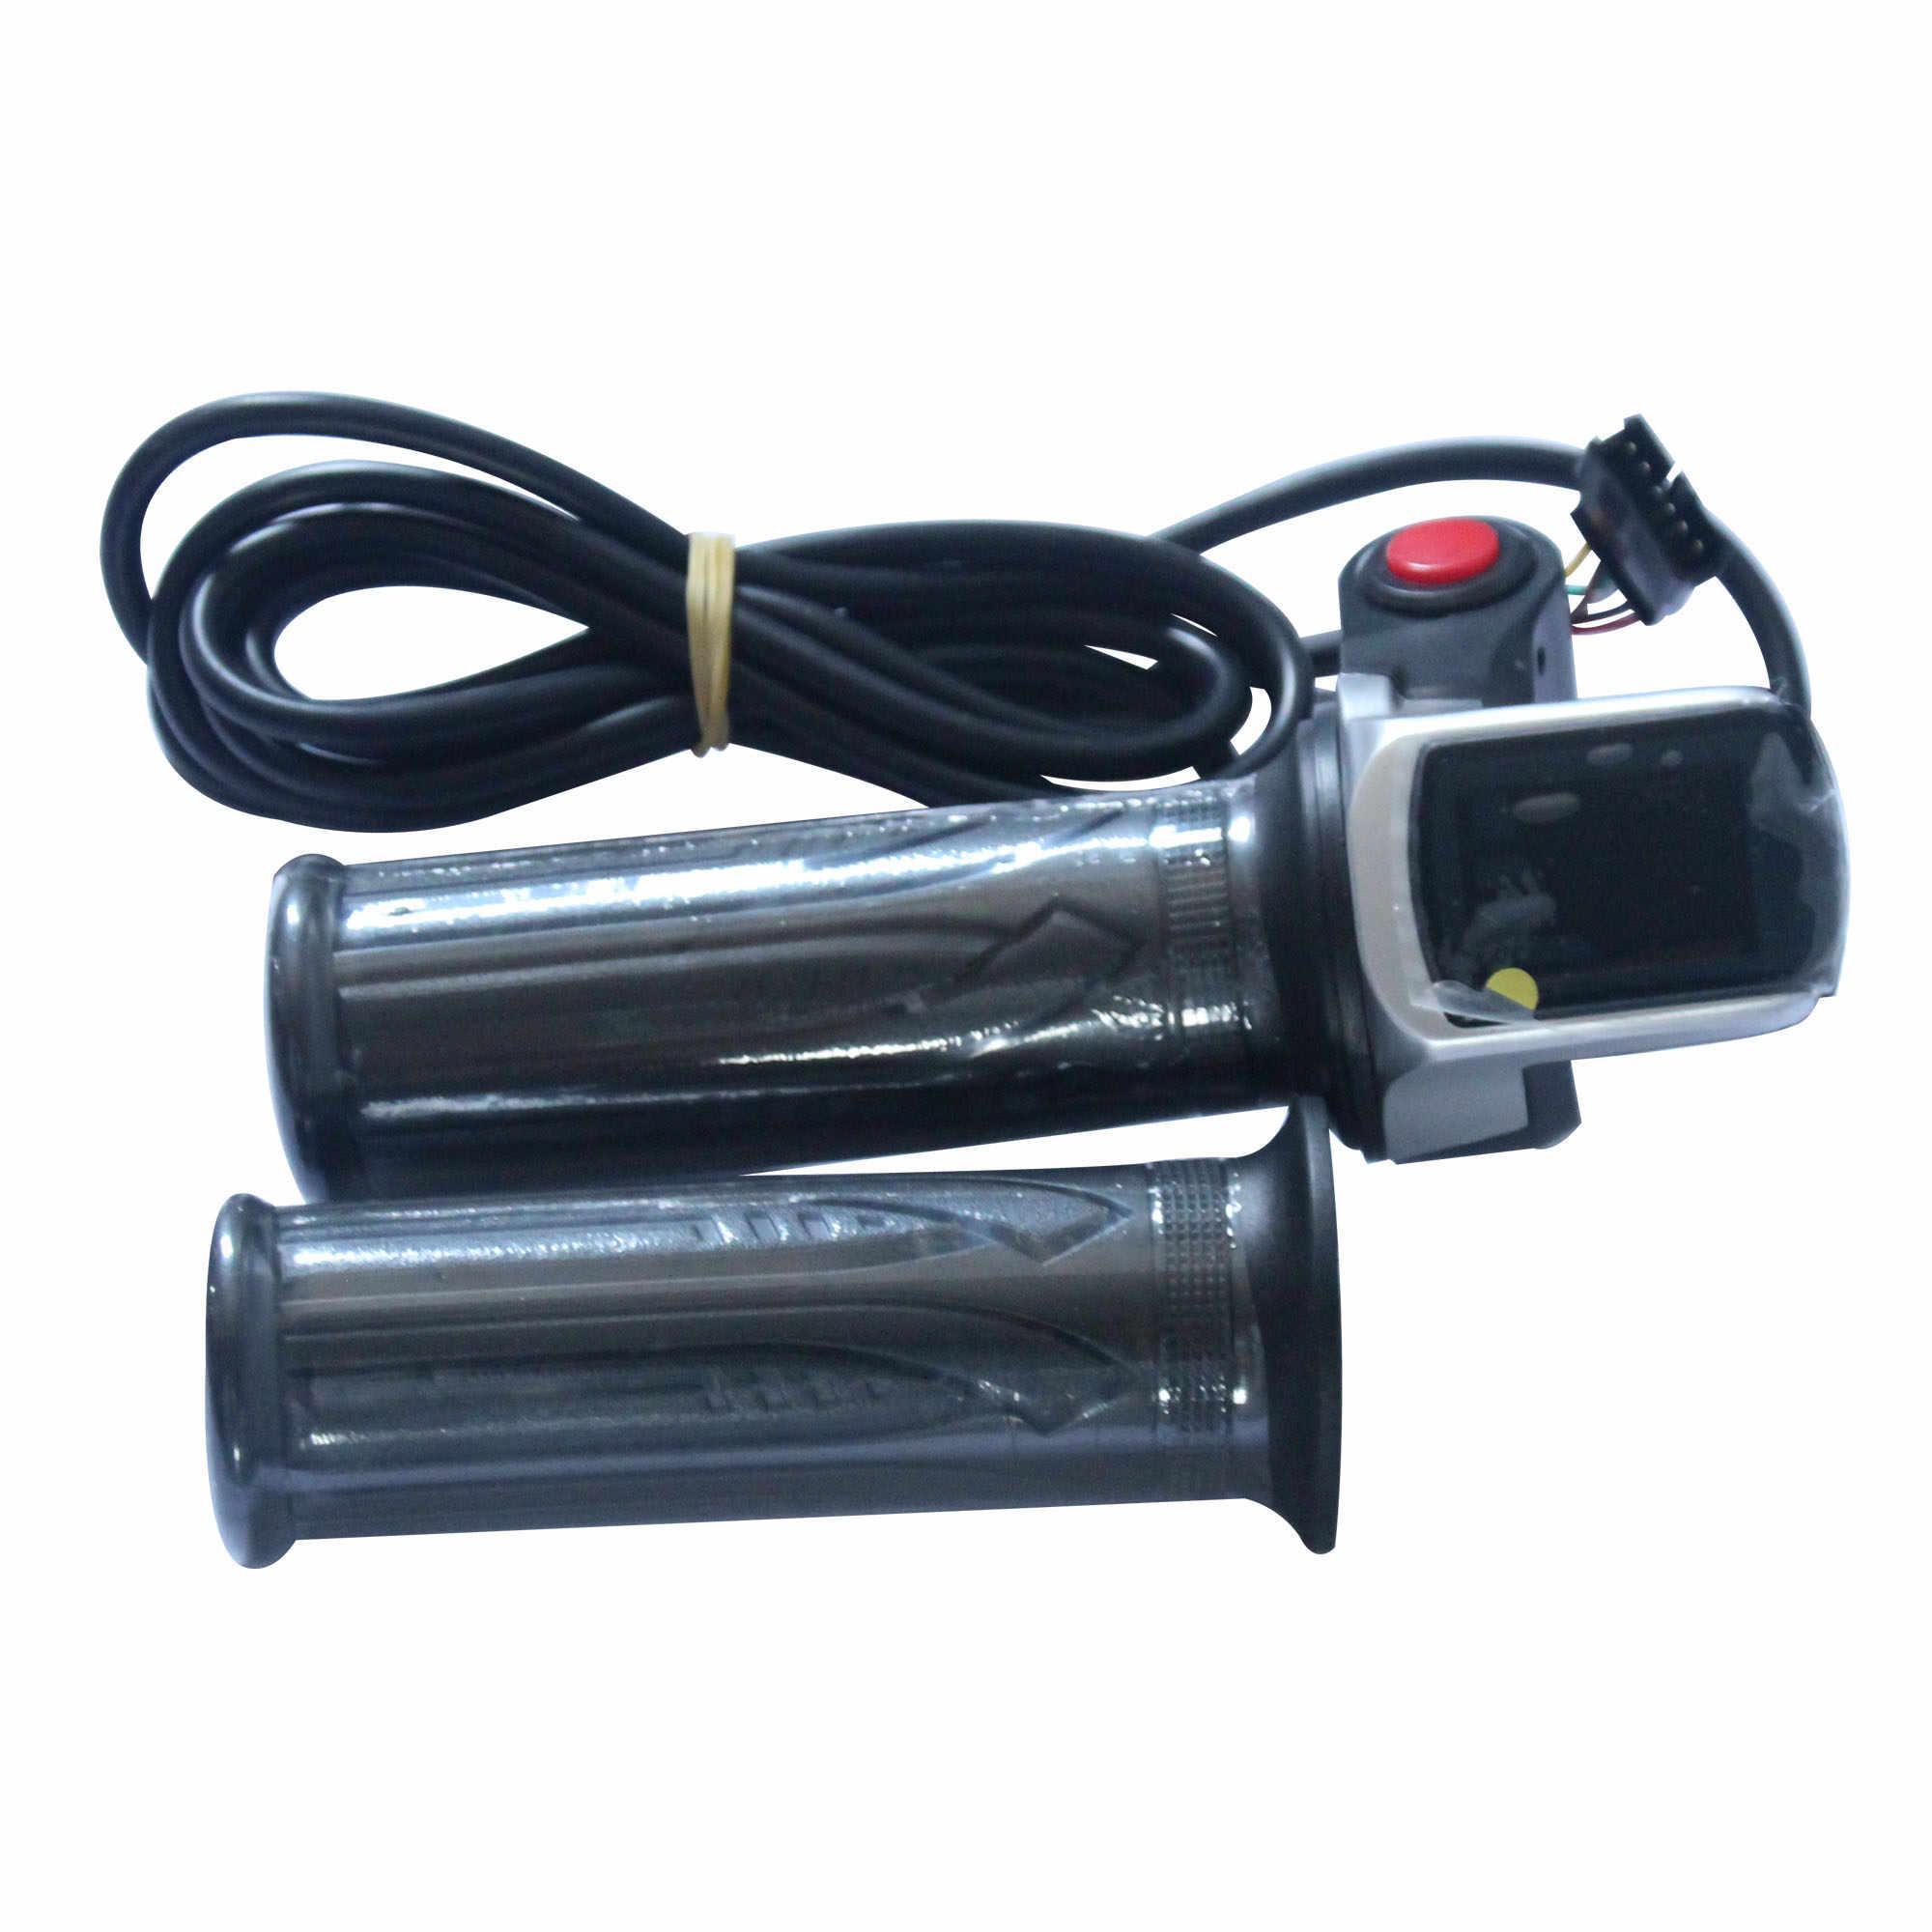 Ebike Conversion roue moteur Kit vélo électrique moyeu arrière 48V 500W 1000W 1500W moteur roue E vélo